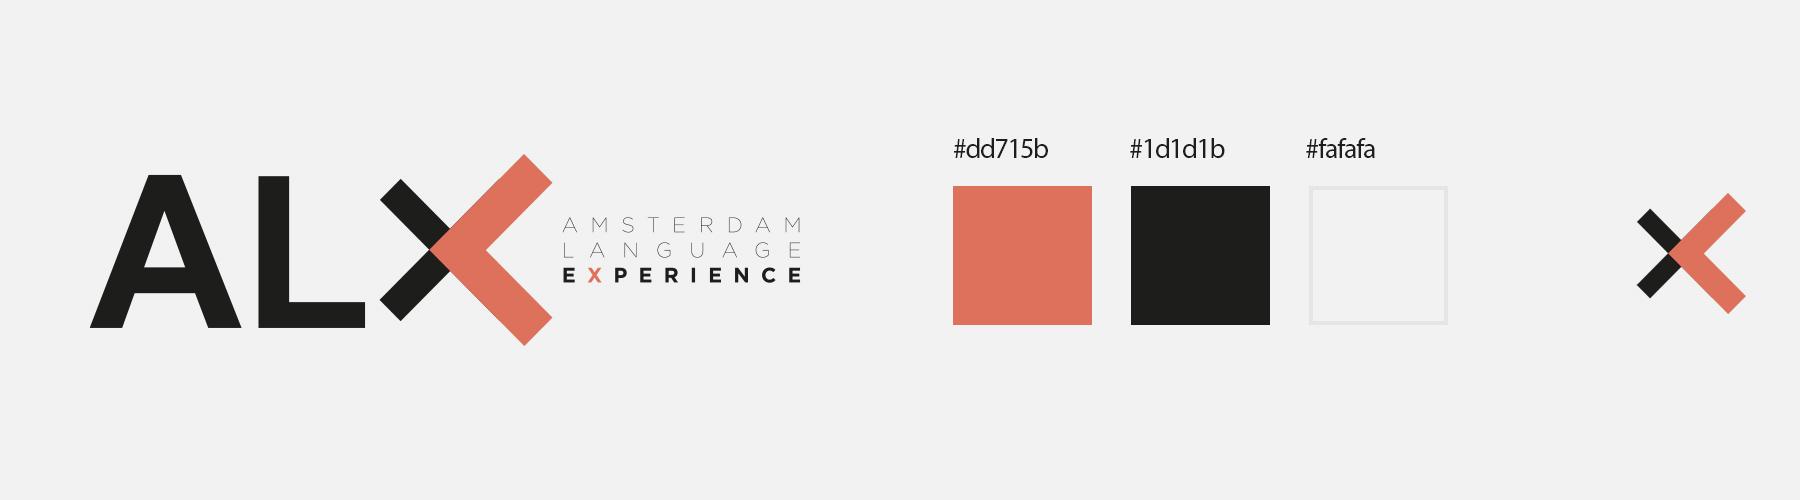 ALX_brand. Graphic, Interior & Web design. Integral design. www.threedotsconnected.com